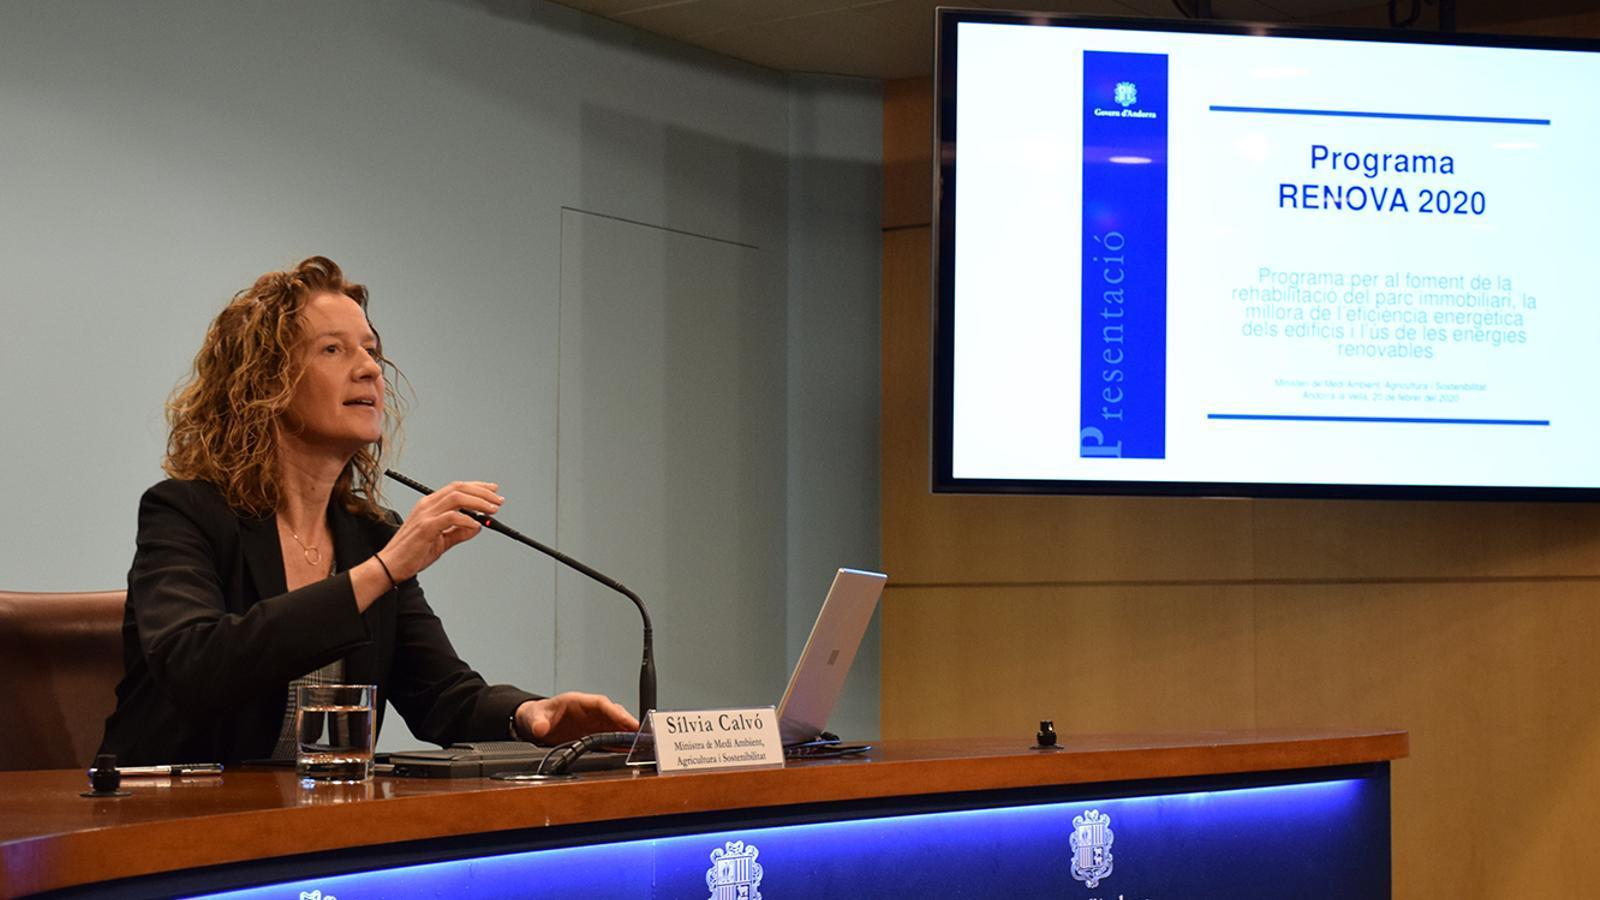 La ministra de Medi Ambient, Agricultura i Sostenibilitat, Sílvia Calvó, durant la presentació de les novetats i el balanç del programa Renova. / M. F. (ANA)